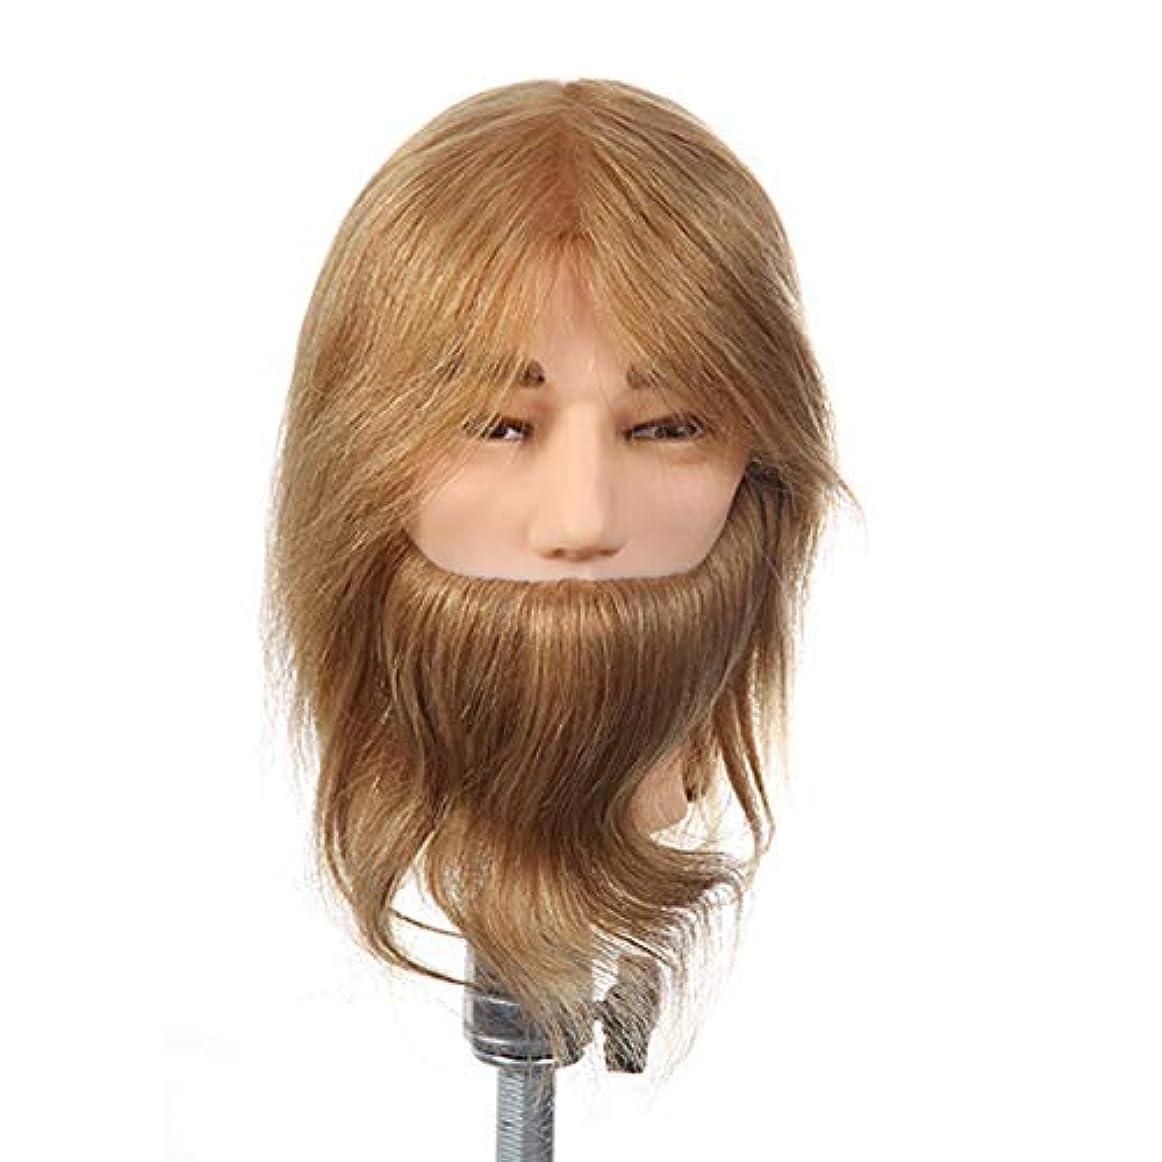 多数の解釈する元気なサロン学習パーマ髪染めマネキン男スタイリングかつらティーチングヘッドリアル人間の髪ダミーヘッド付きひげロングヘアゴールド